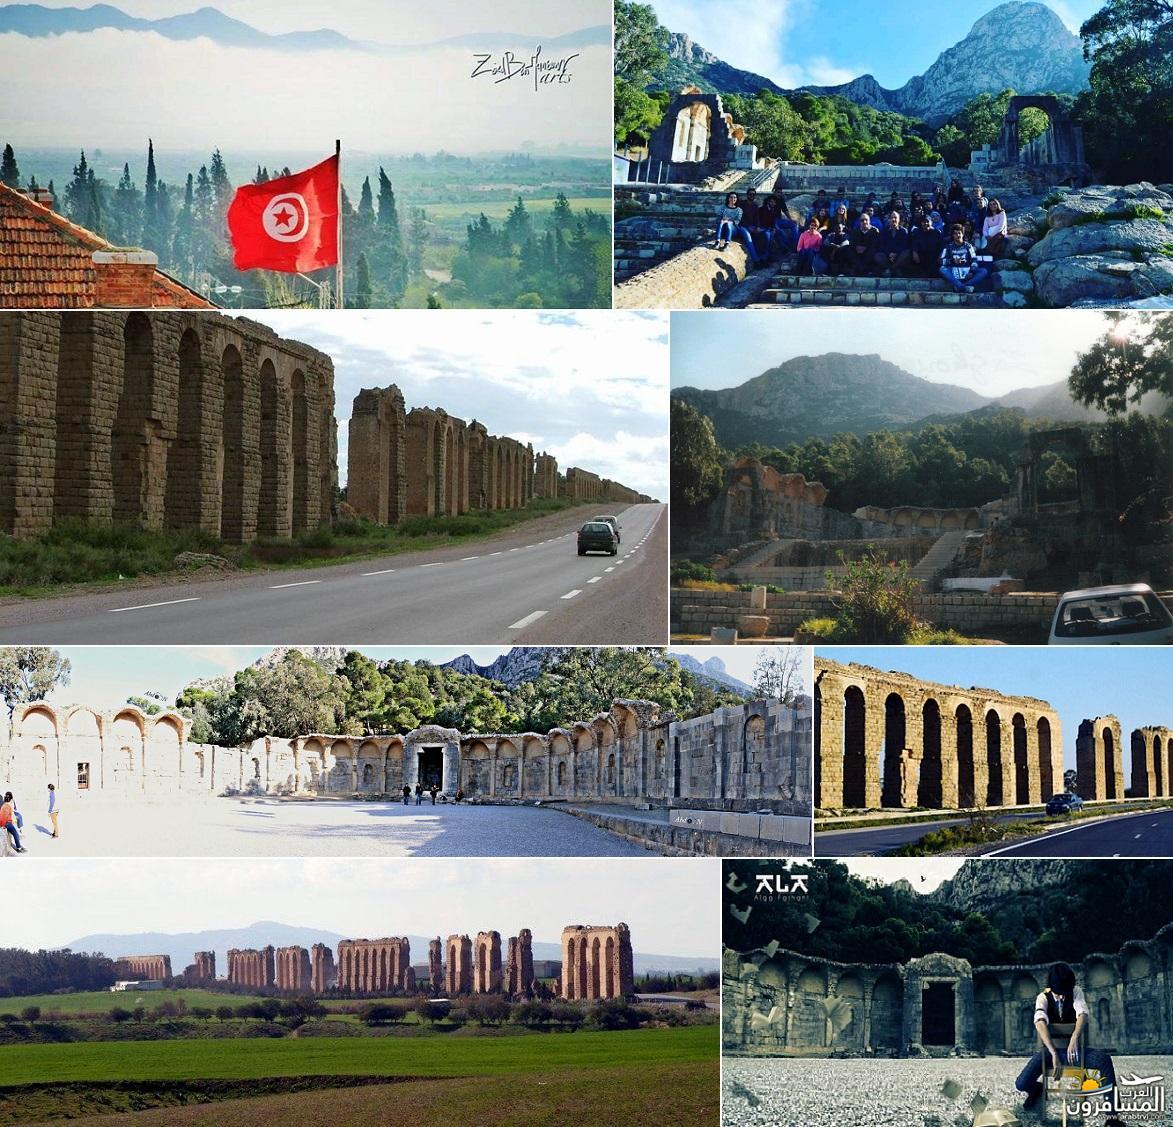 641830 المسافرون العرب خدمات سياحية متطورة في تونس